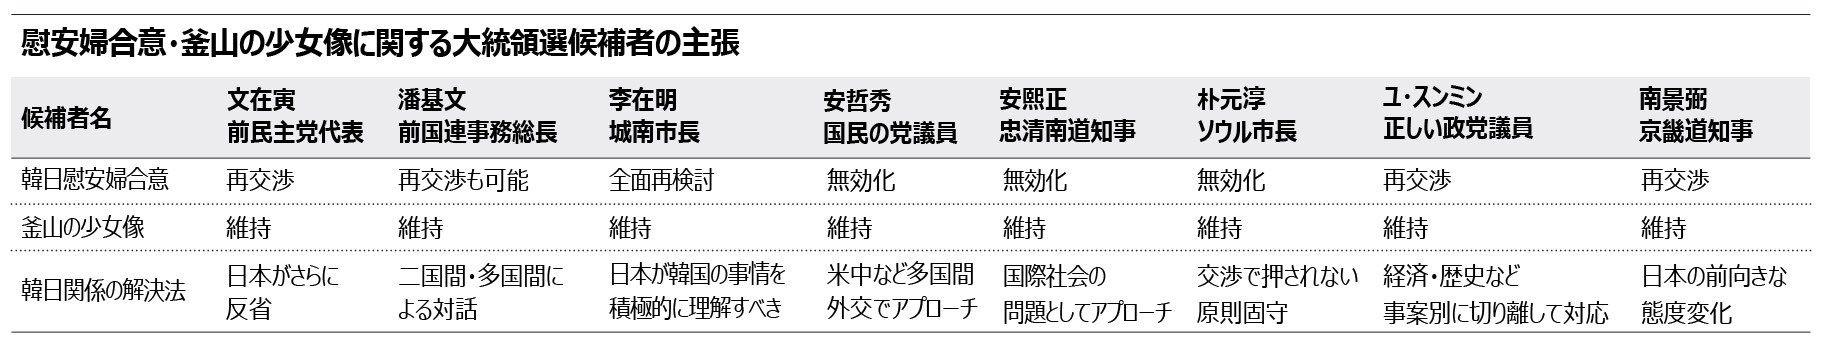 【韓国】文在寅・次期大統領「韓日関係は日本がさらに反省すれば解決!少女像は生きた歴史教科書であり、真の独立宣言だ!」